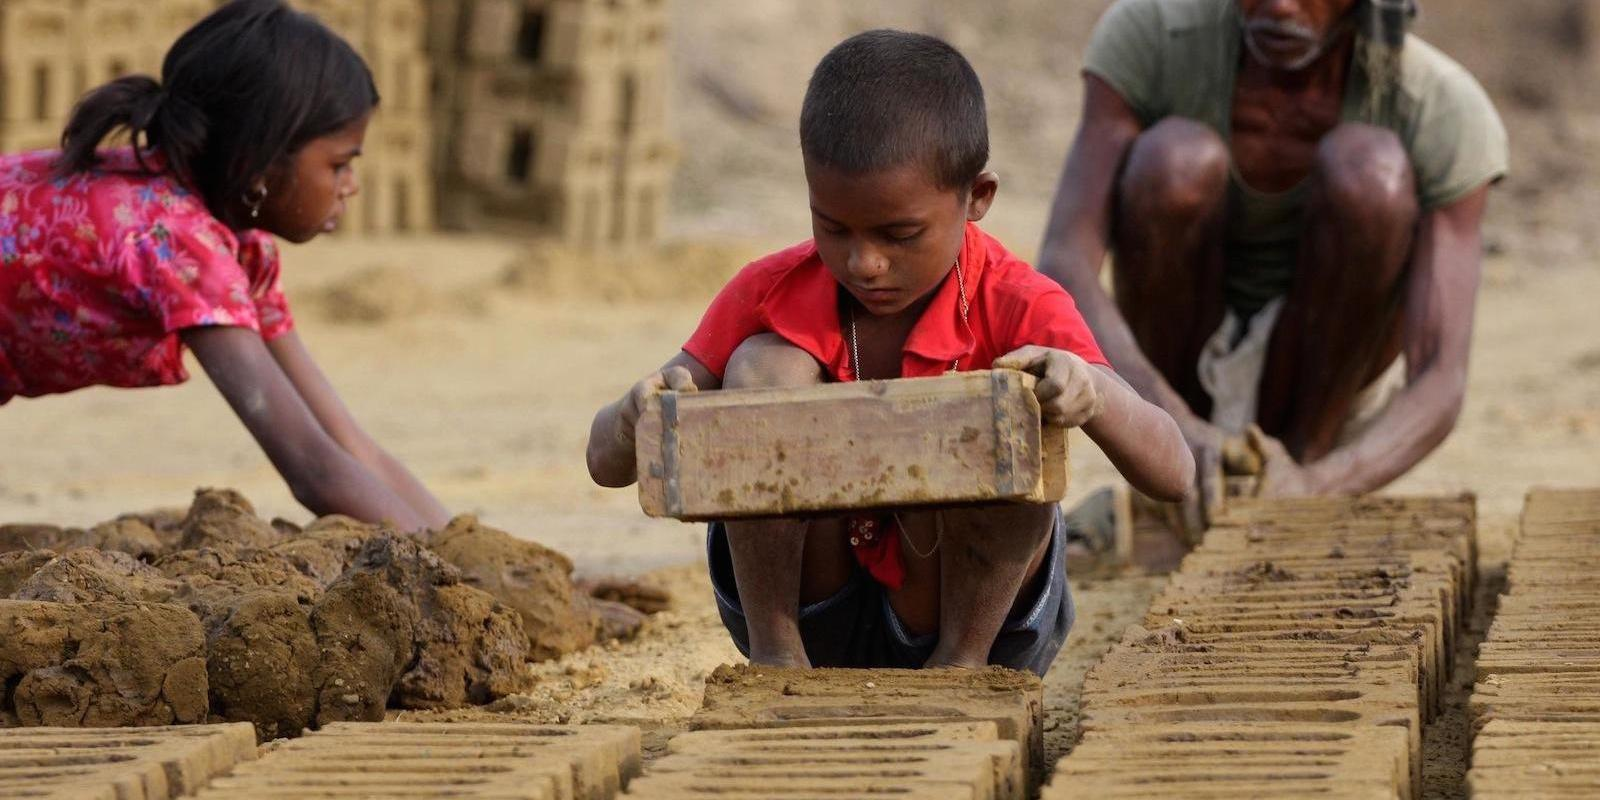 آشنایی با کودکان کار و راههای کمک به آنان